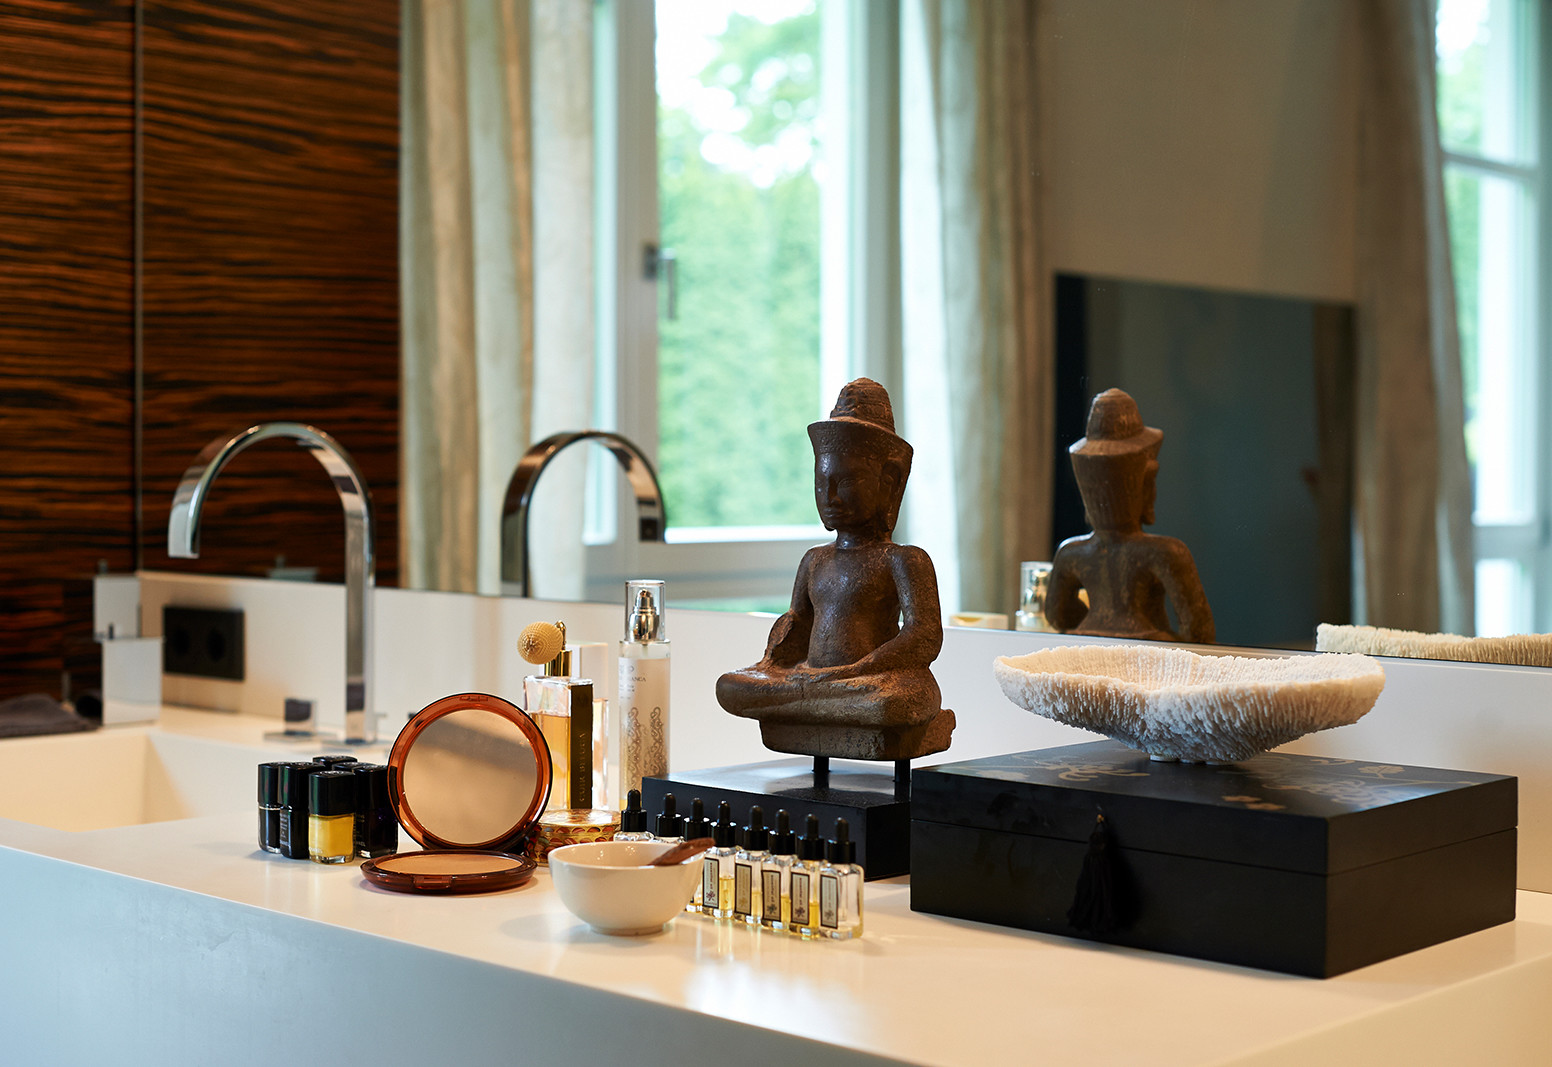 Stefanie Raum Dekoration Waschtisch Raum Contemporary Interior